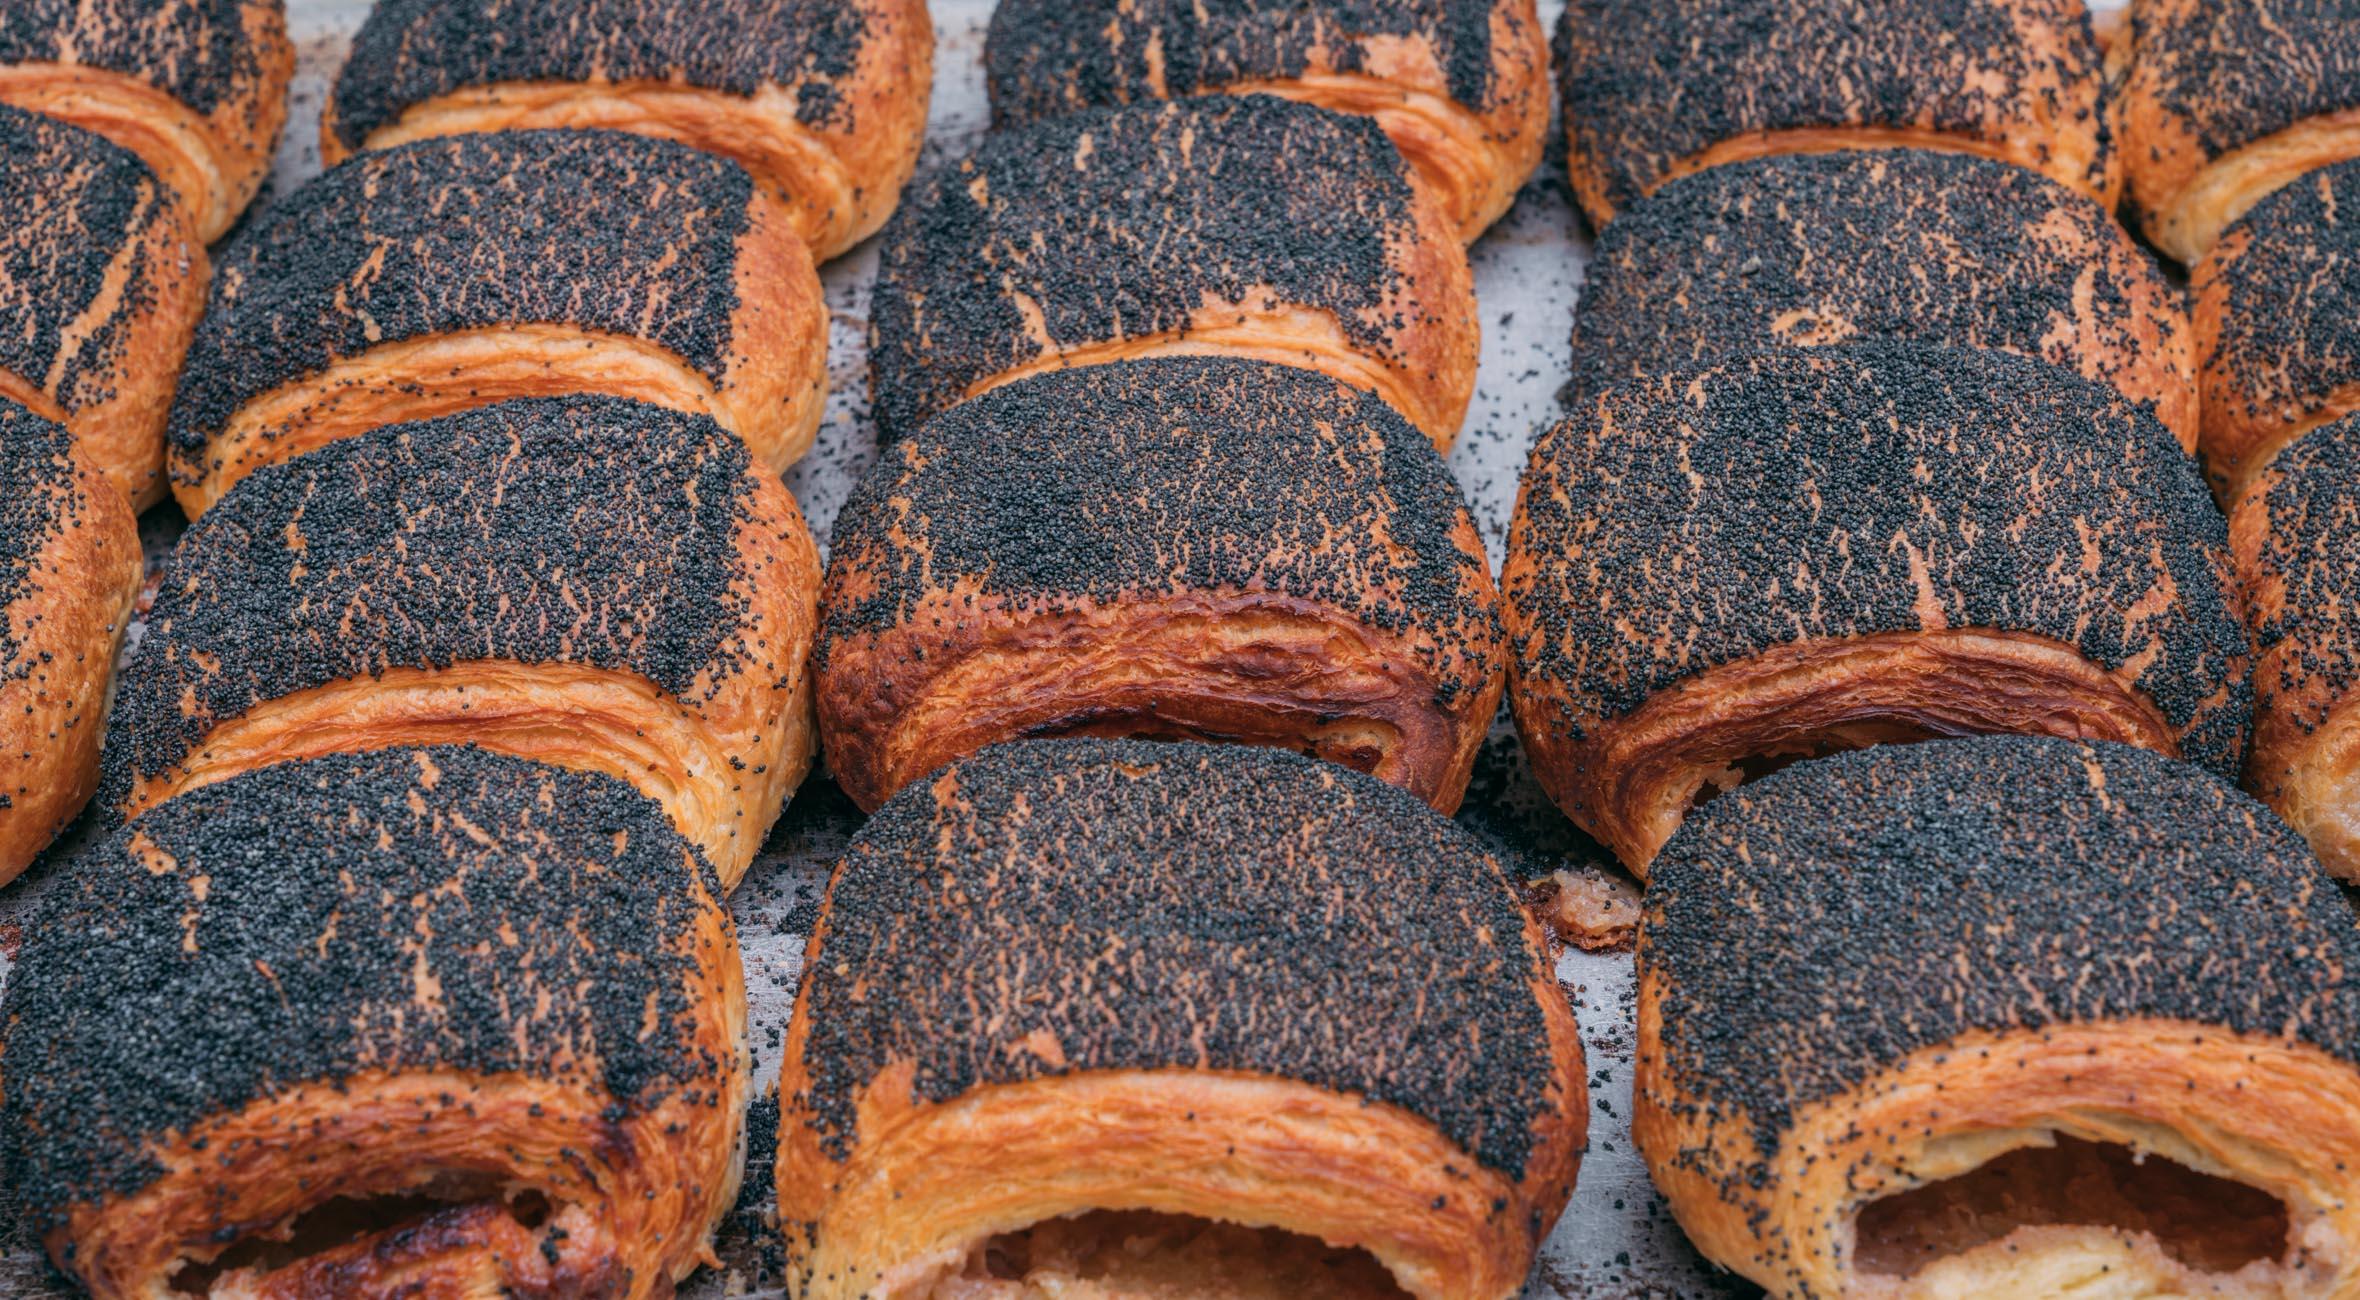 Frit valg til alt hos Bager Bosse på Østerbro – Old school bageri har i snart 50 år forkælet københavnerne med brød, basser og kager